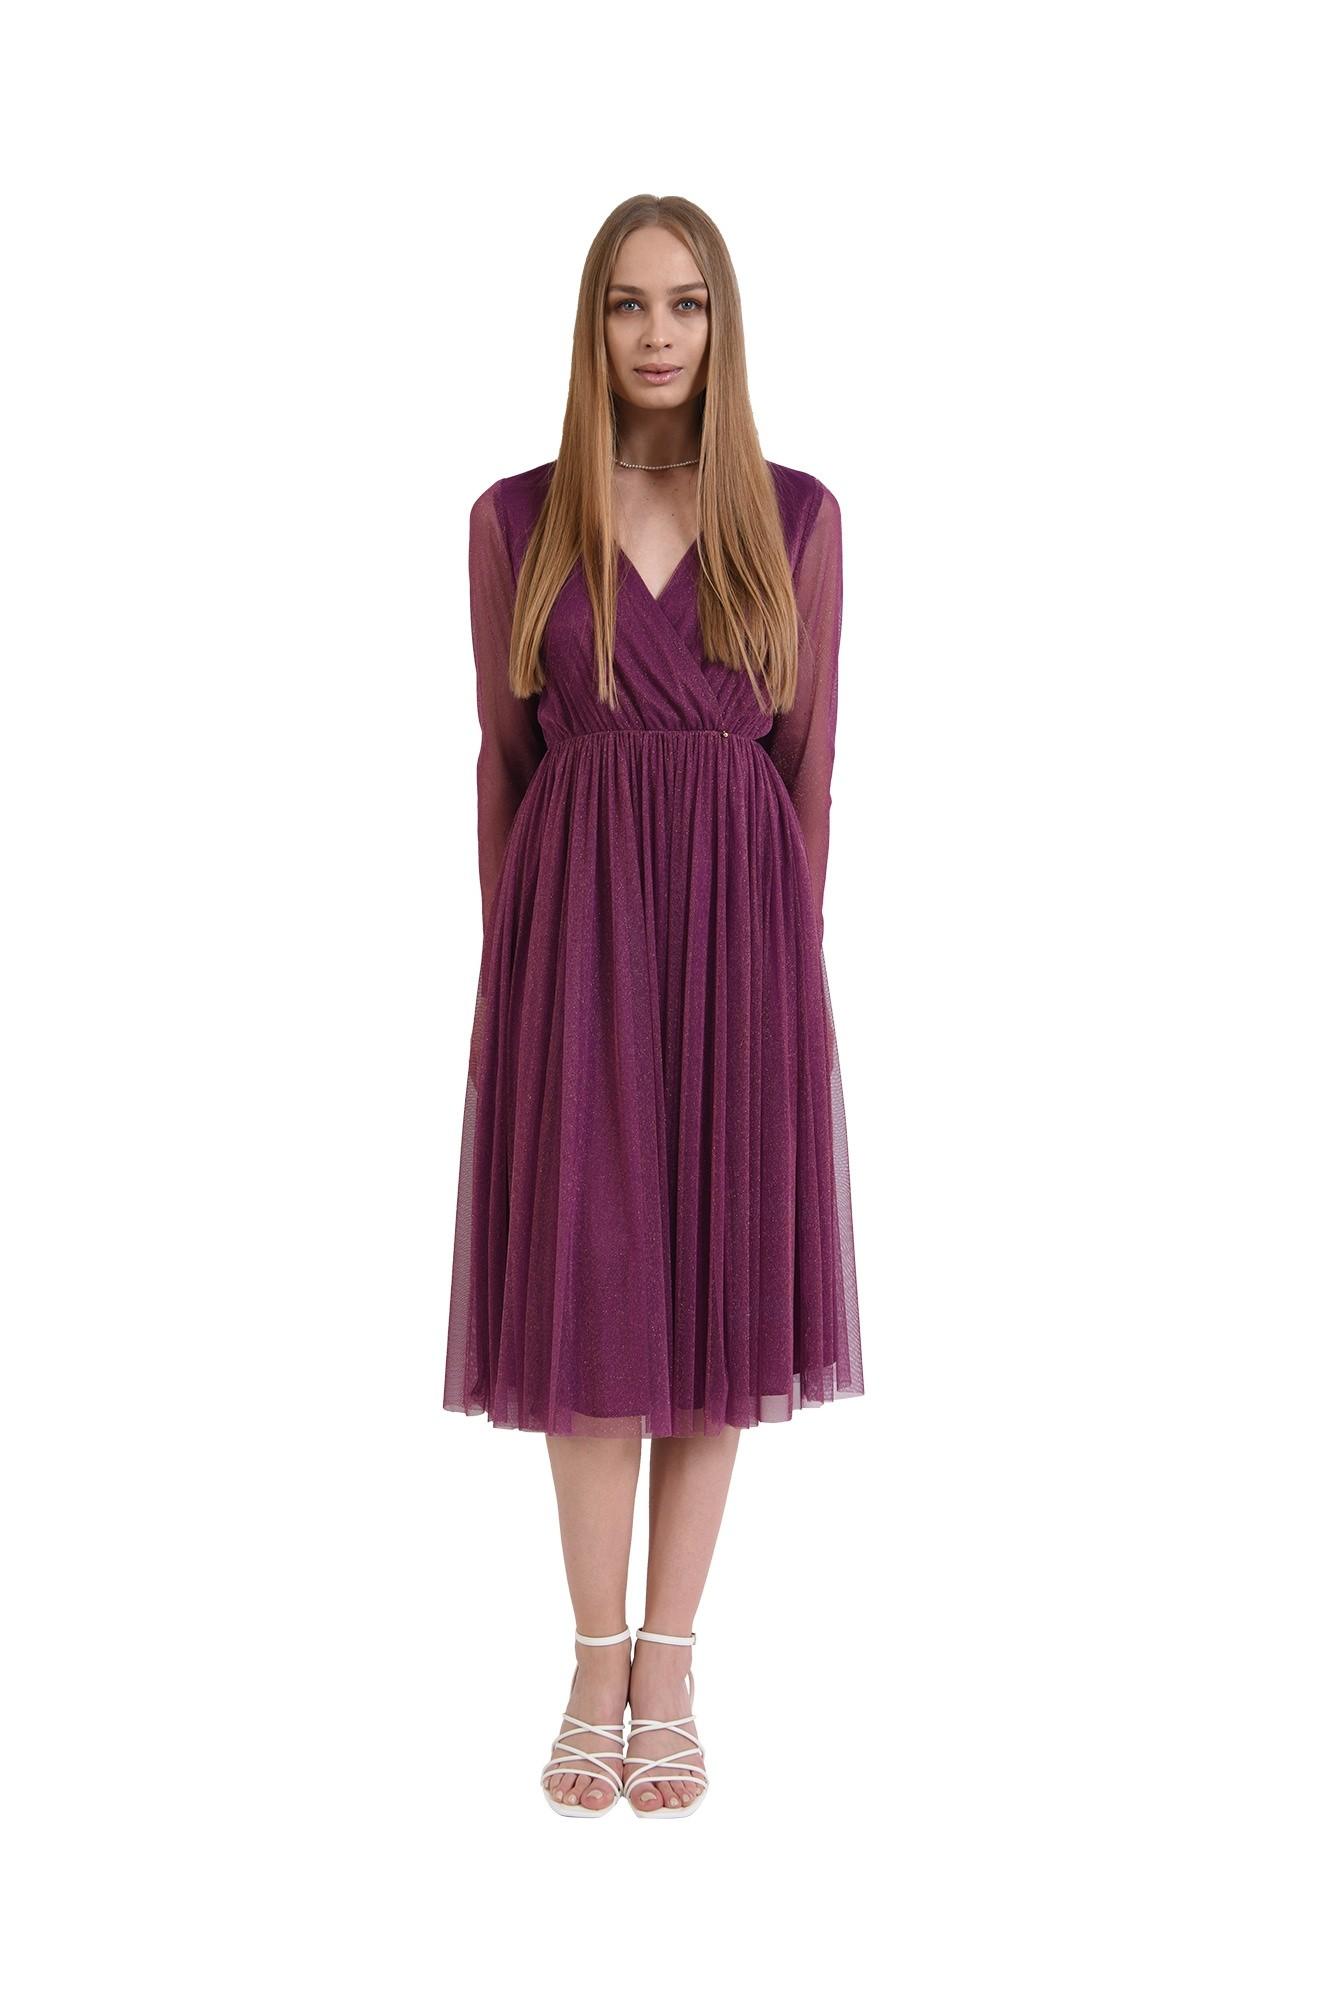 rochie midi, din tul, cu maneci lungi, anchior petrecut, mov